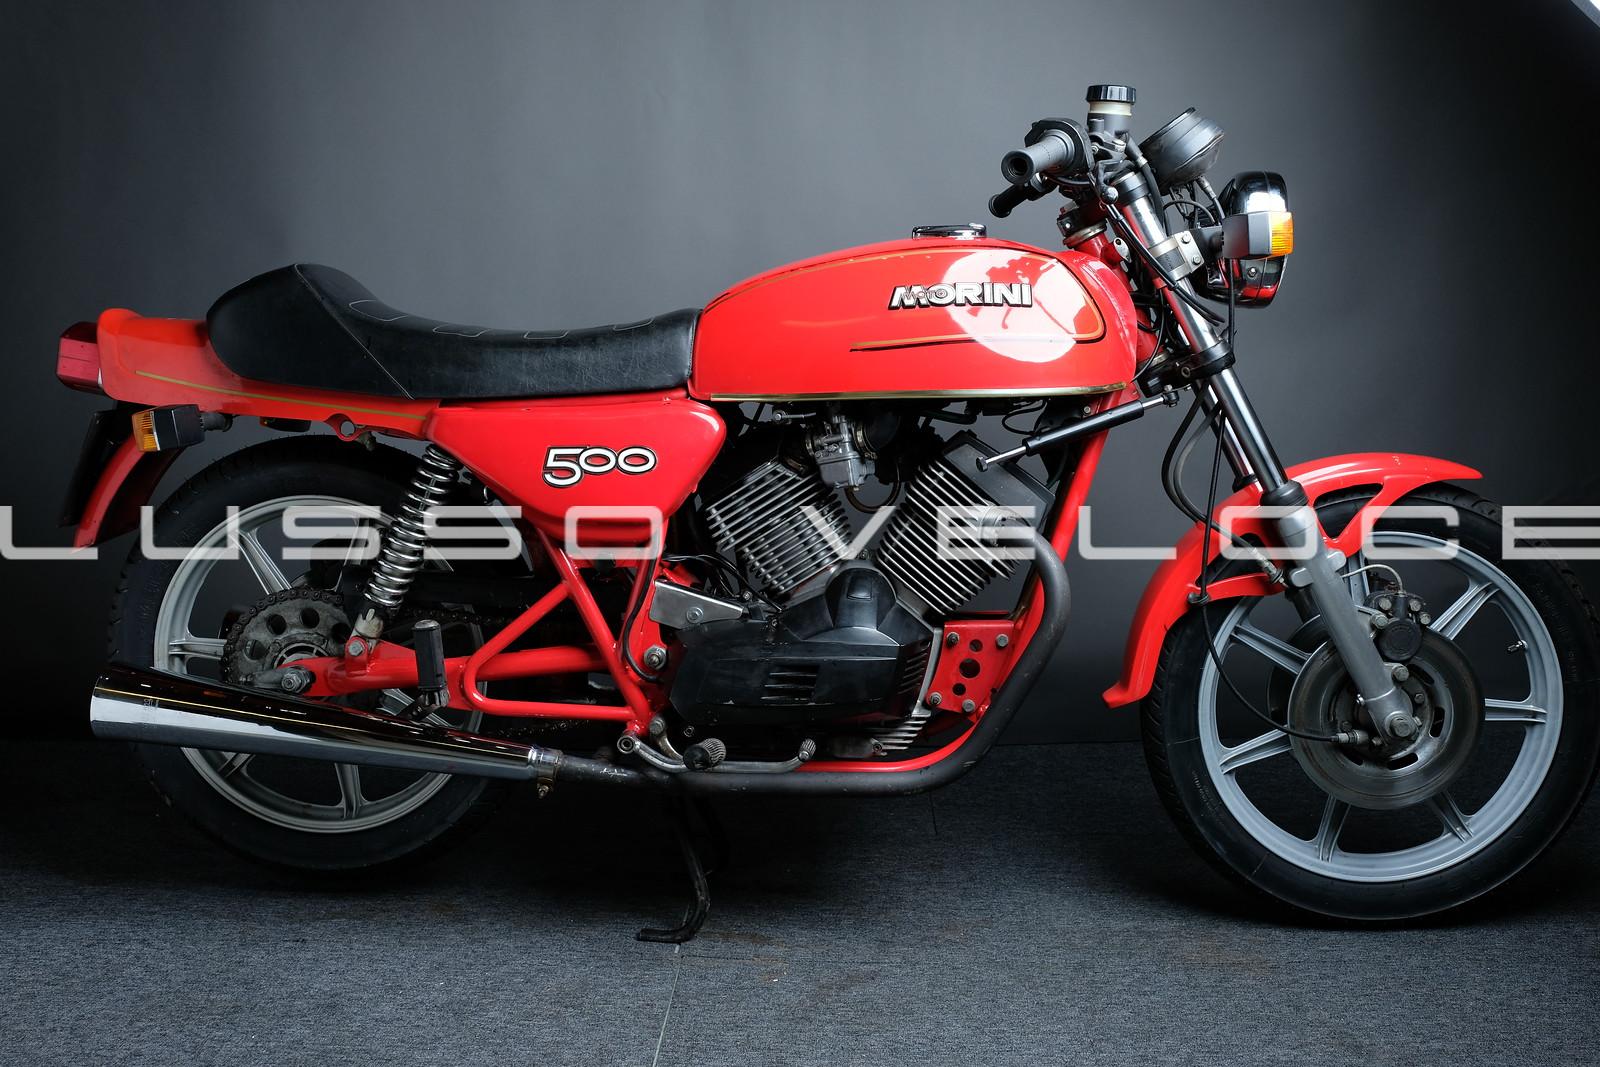 Moto Morini 500 Strada